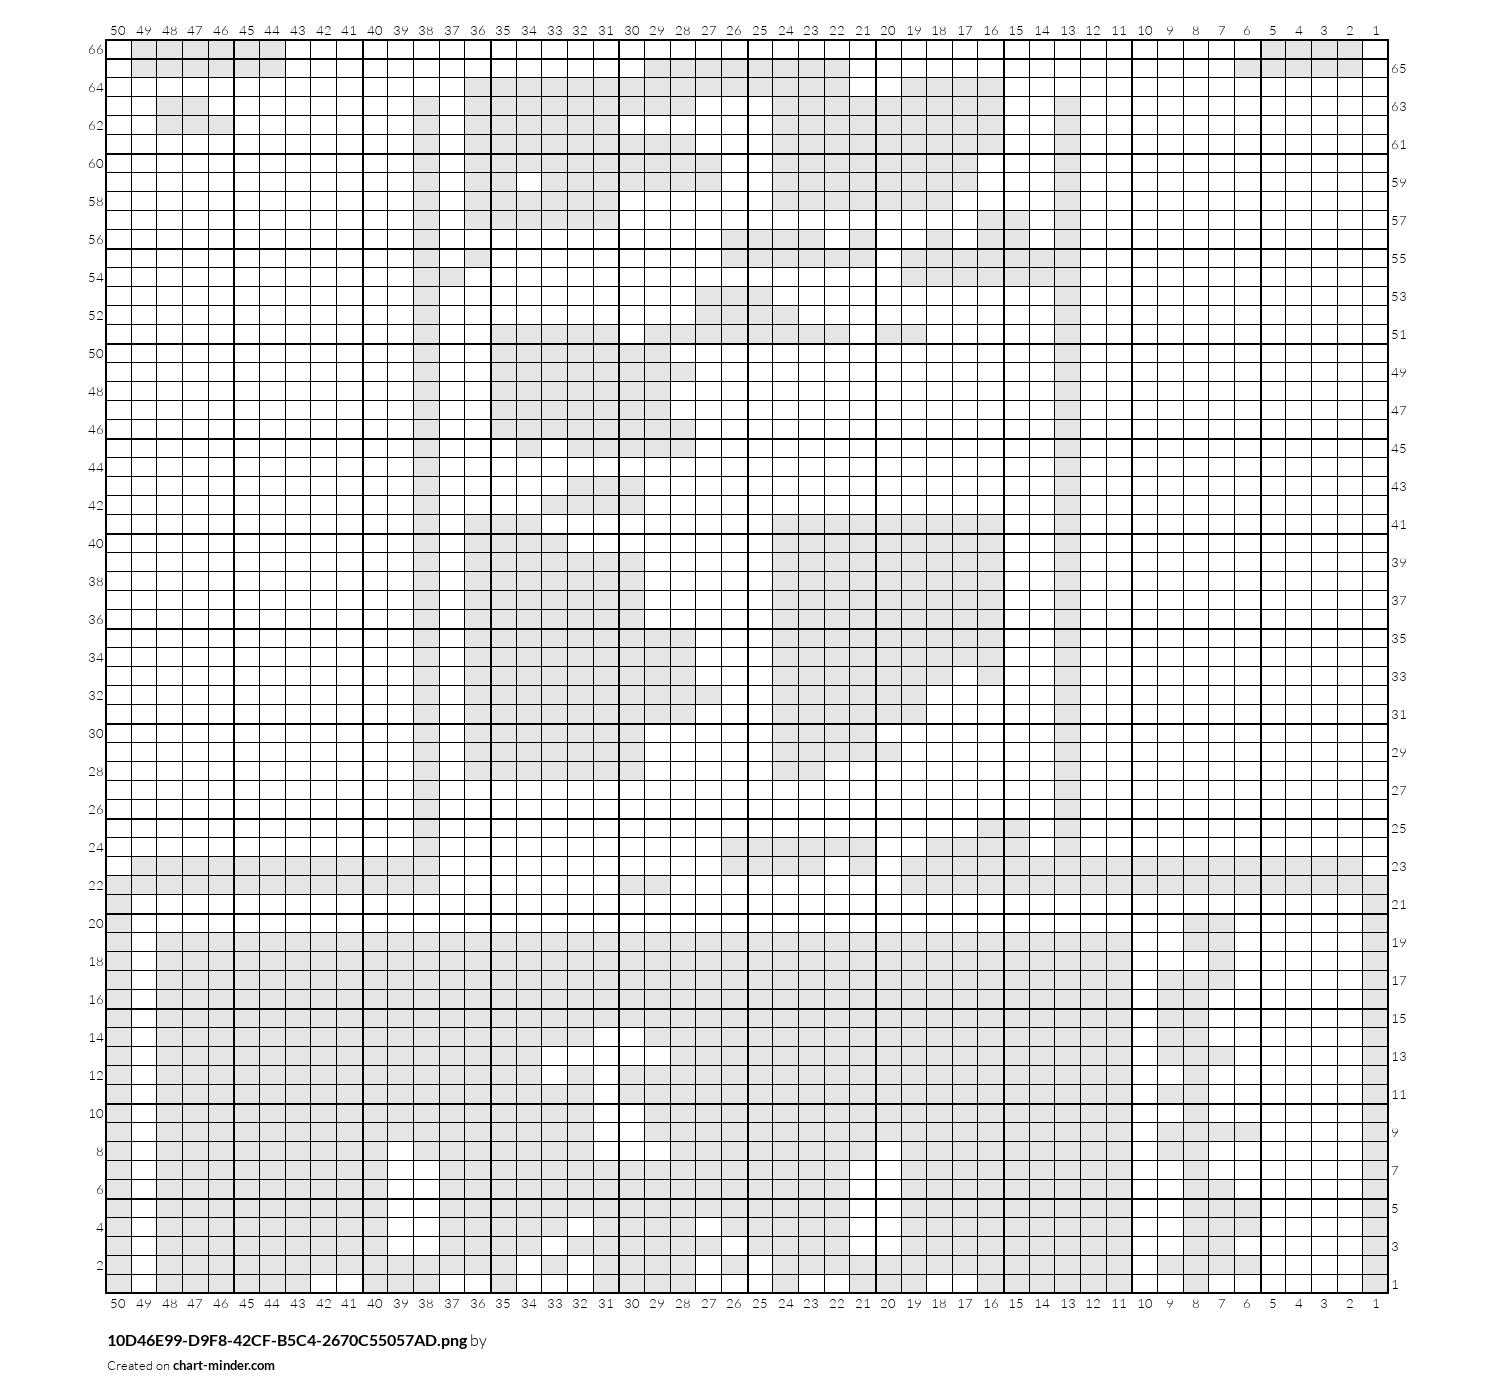 10D46E99-D9F8-42CF-B5C4-2670C55057AD.png